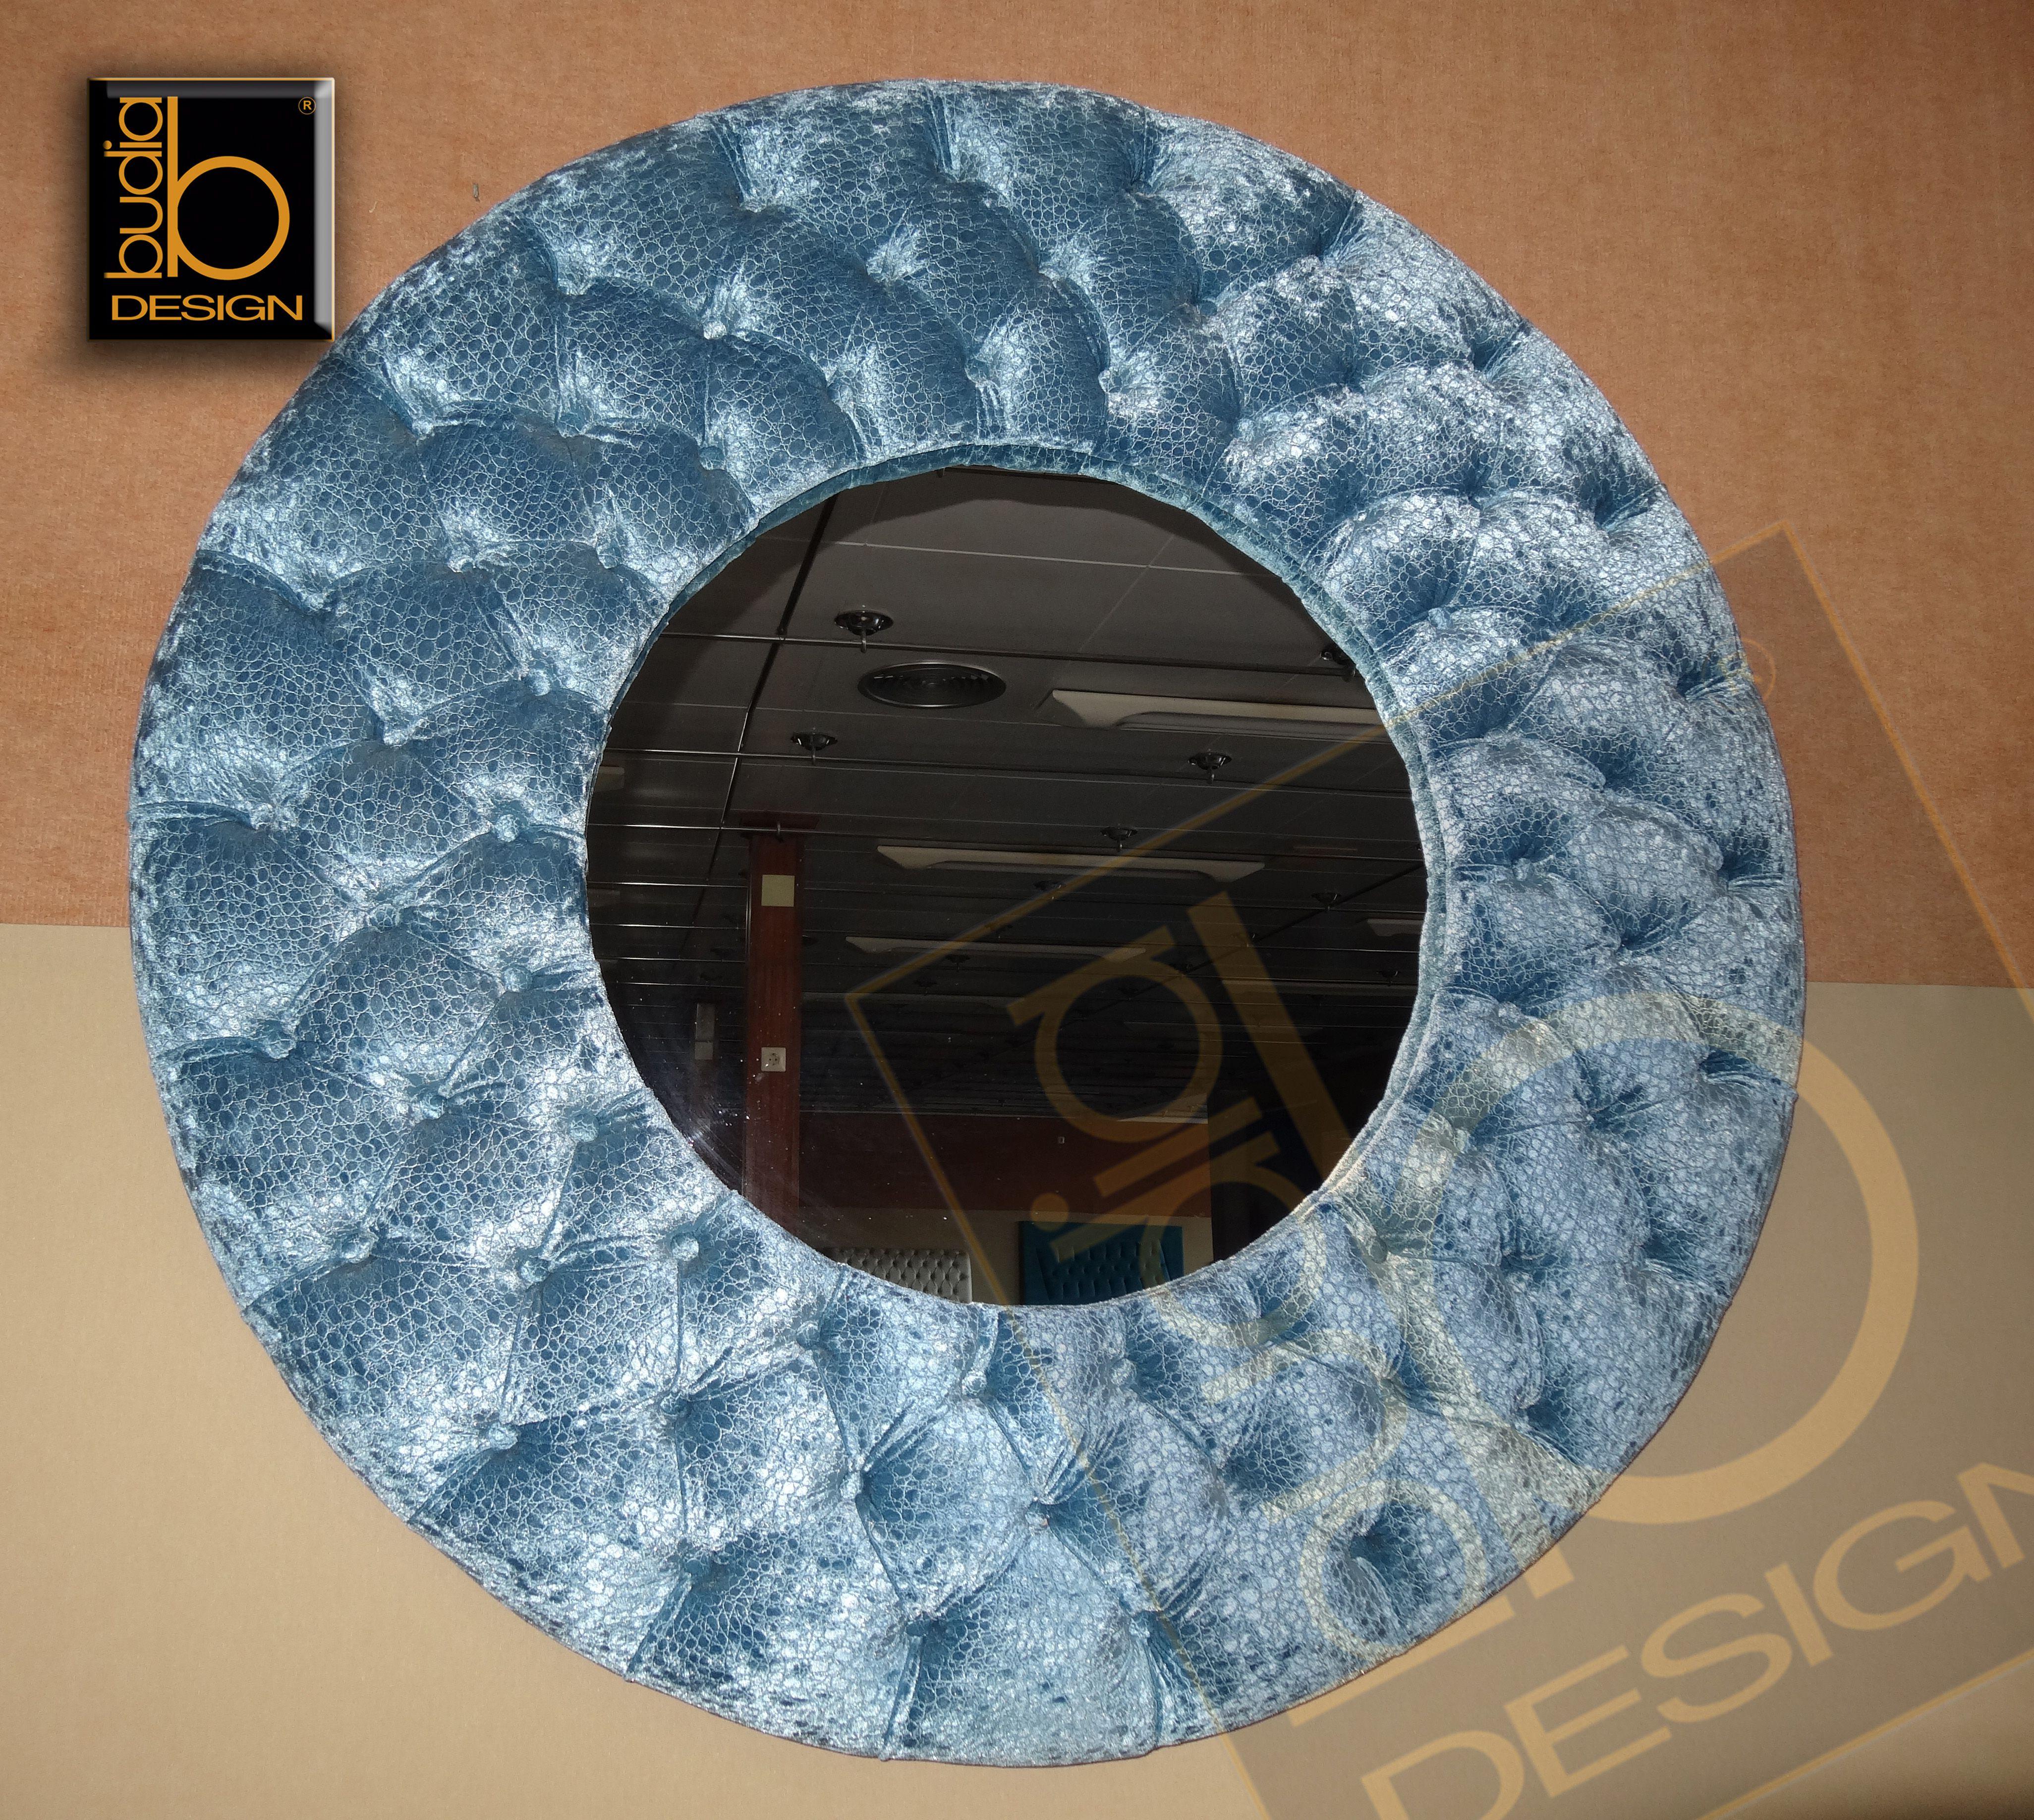 Espejo Marsella Redondo Tapizado En Capitone Artesano Tejido Terciopelo Celeste Espejos Marcos Para Espejos Espejos Decorativos